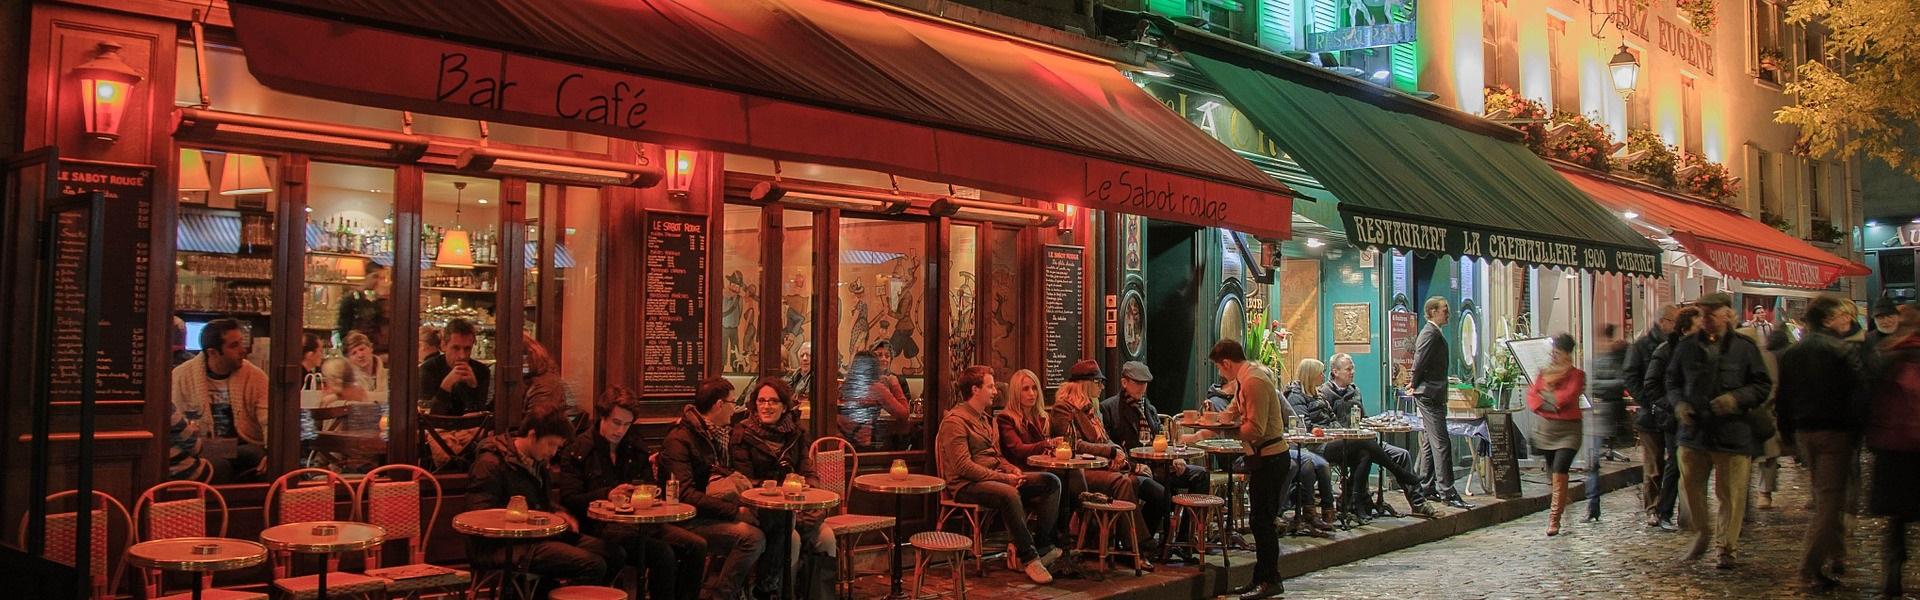 Benutzung von Netzwerken, um eine Stelle in Paris zu finden